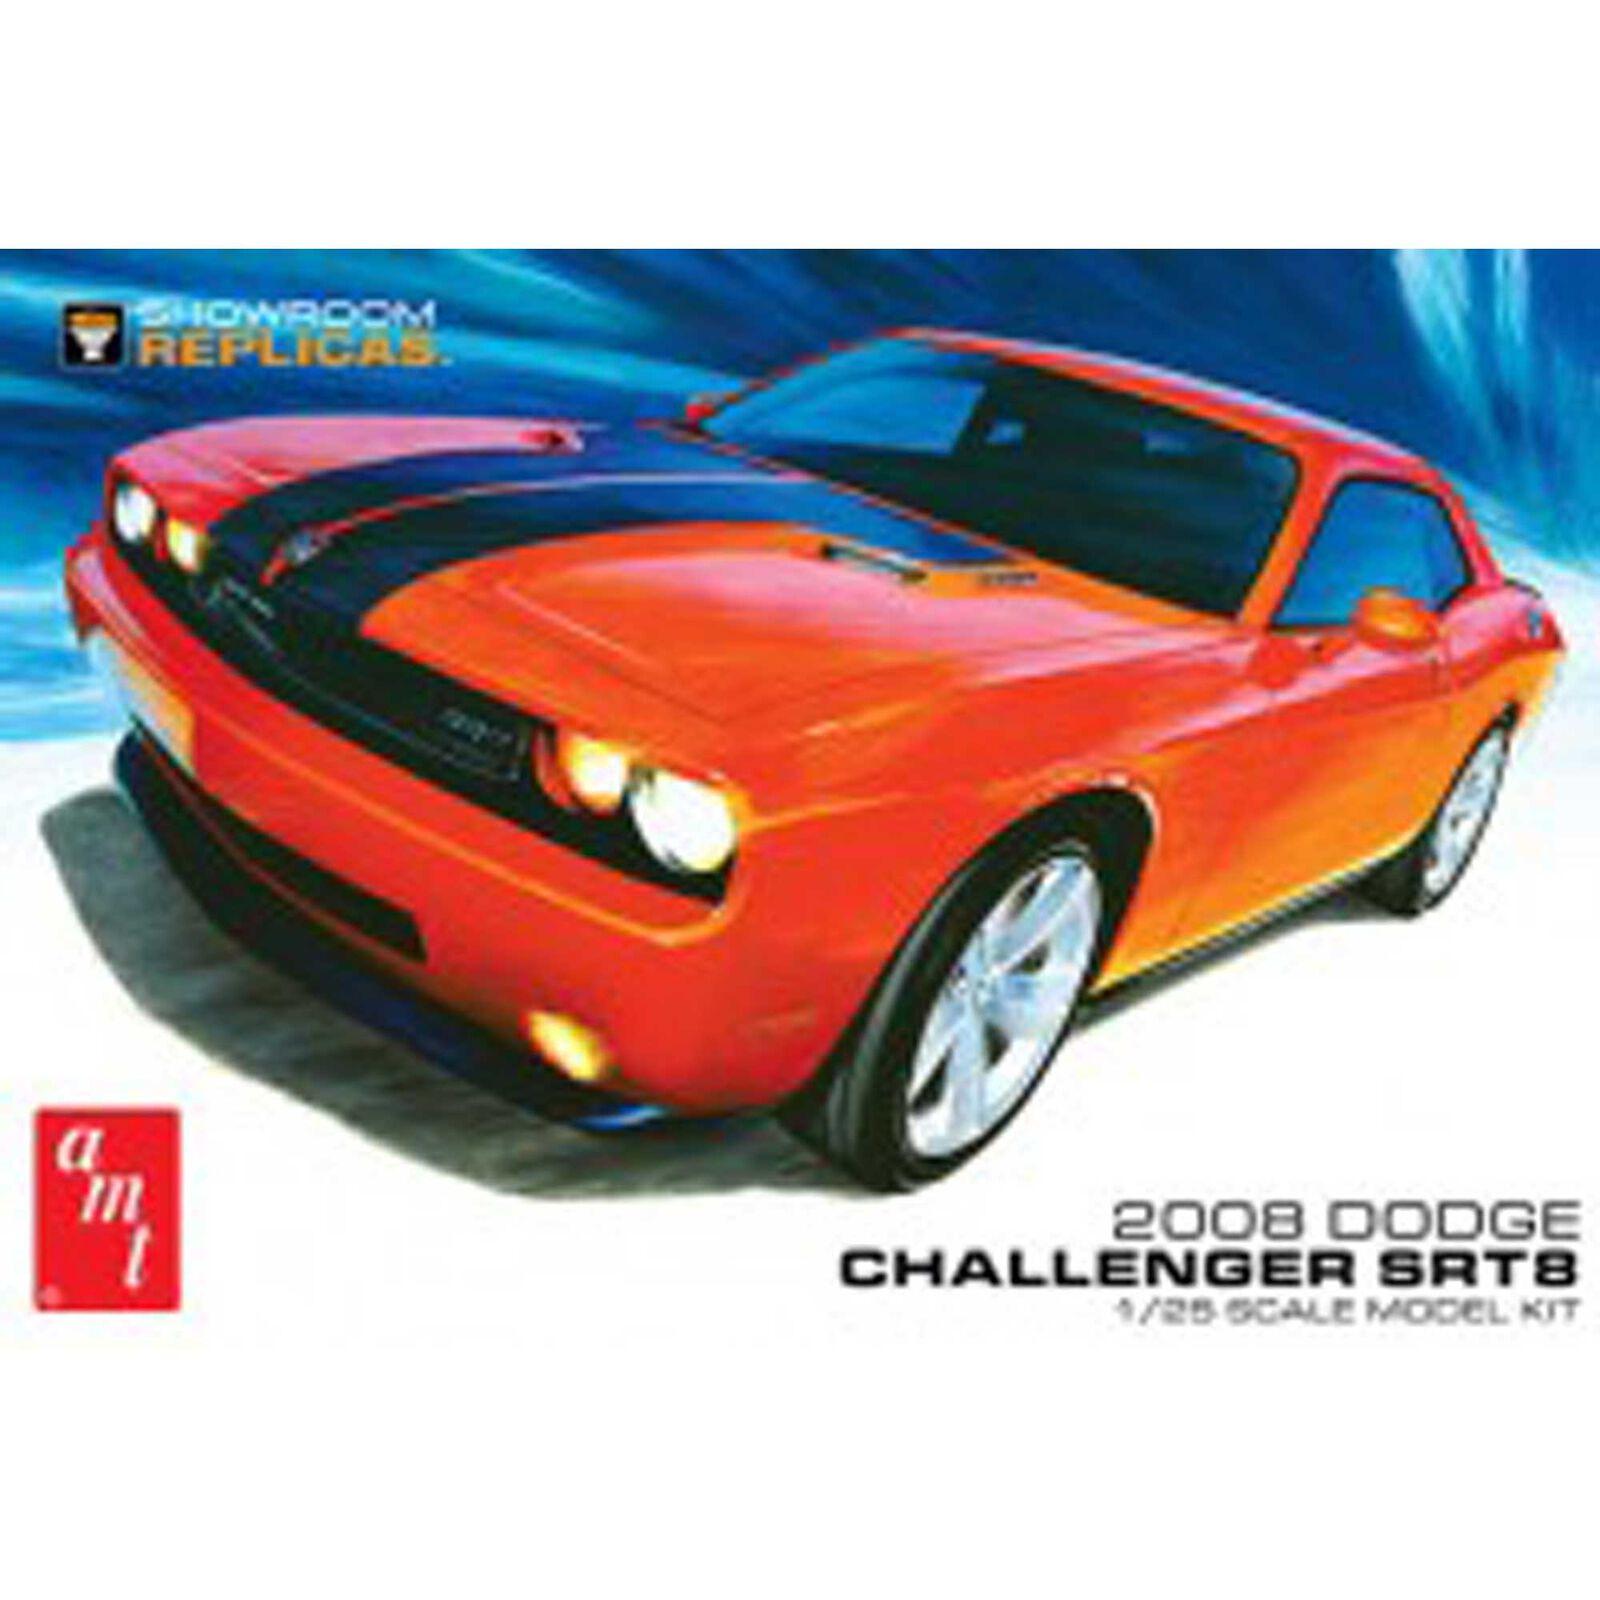 1/25 2008 Dodge Challenger SRT8, Model Kit